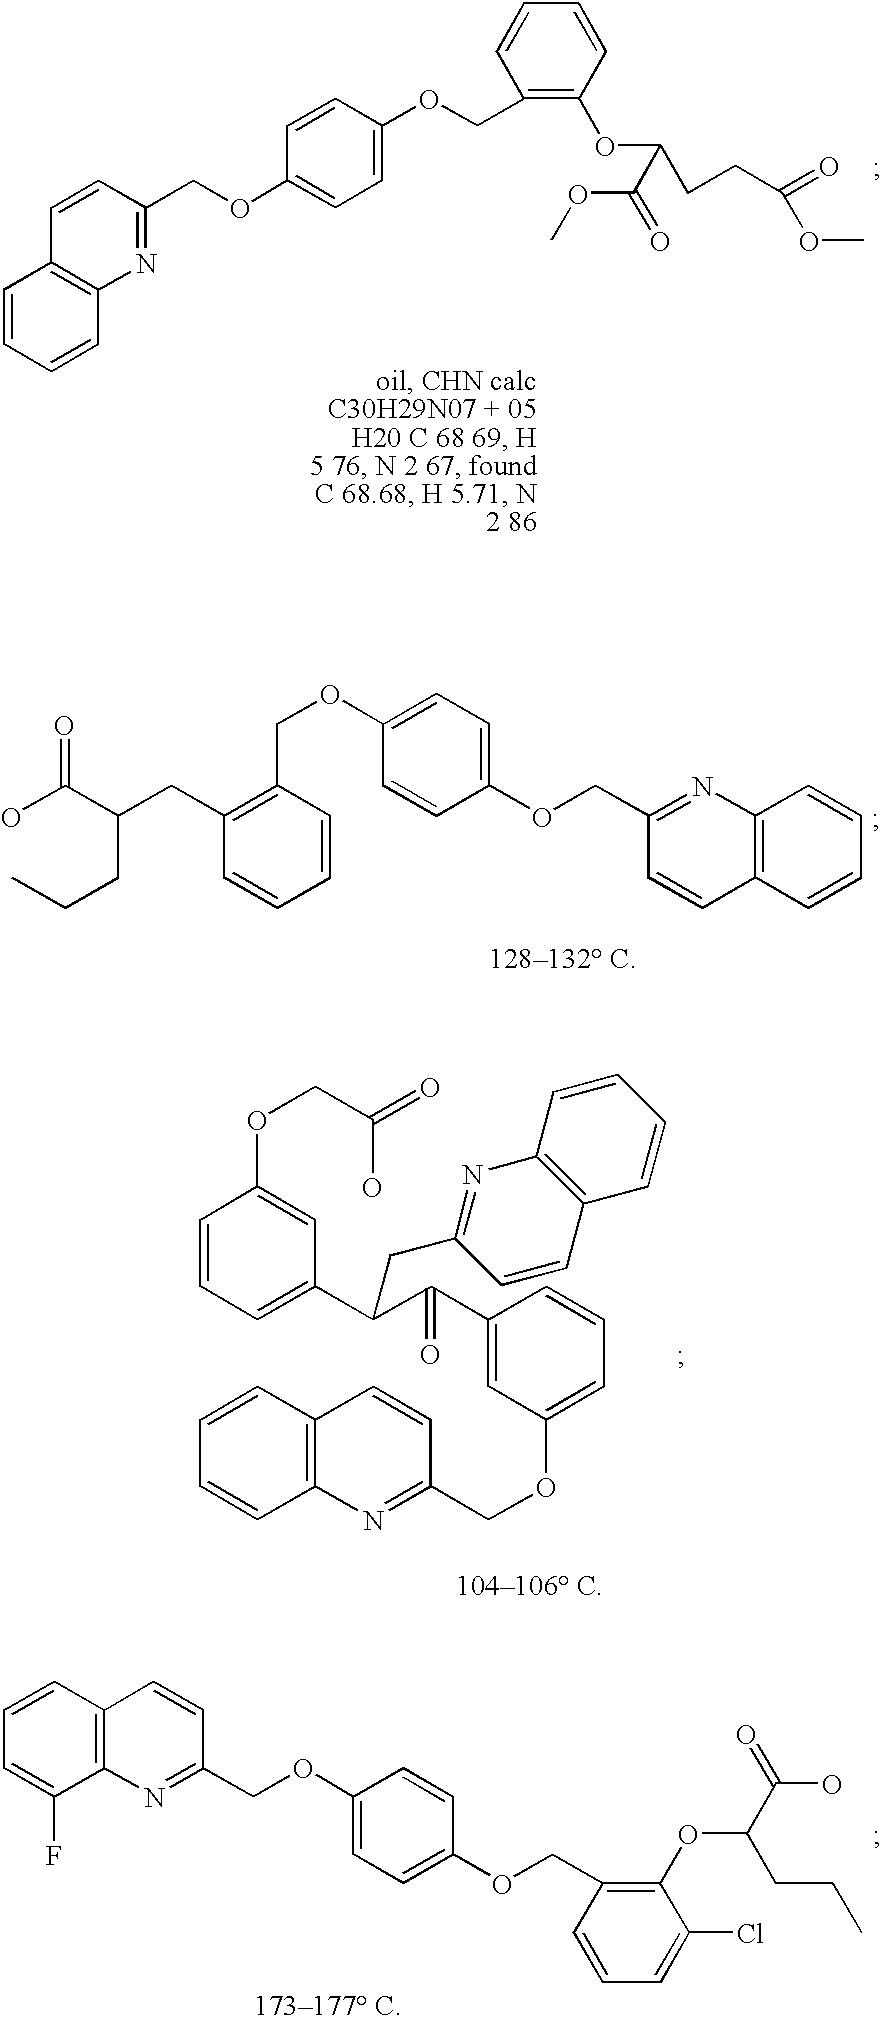 Figure US20030220373A1-20031127-C00314